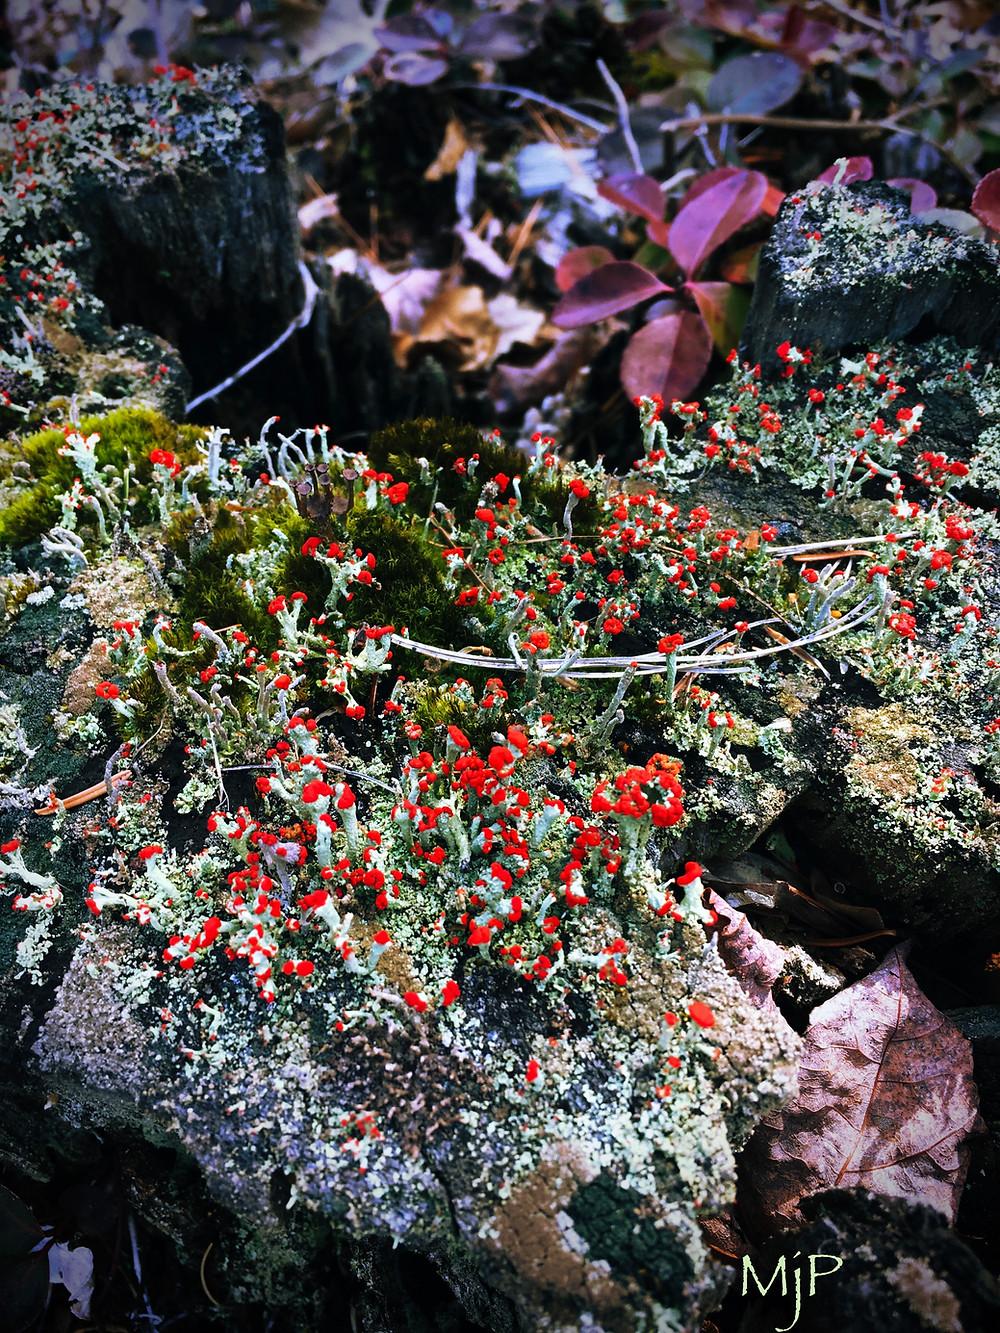 Pixie Cup Lichens, Lichens